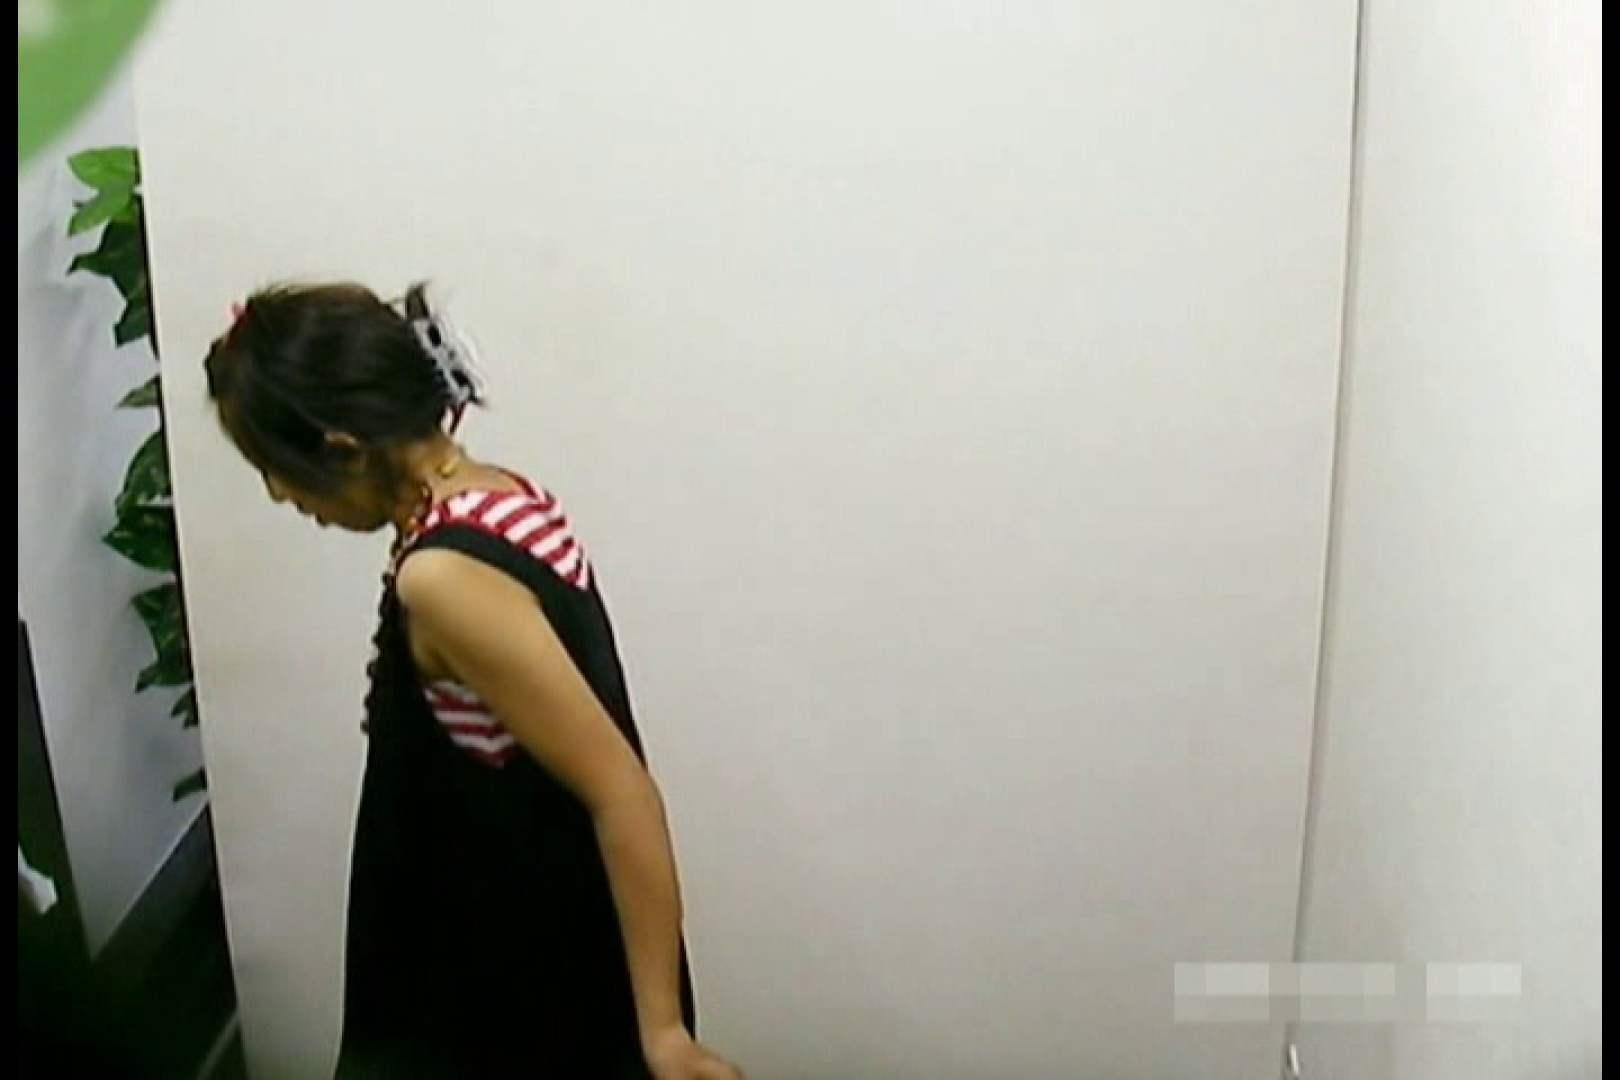 素人撮影 下着だけの撮影のはずが・・・エミちゃん18歳 丸見え AV動画キャプチャ 103画像 6